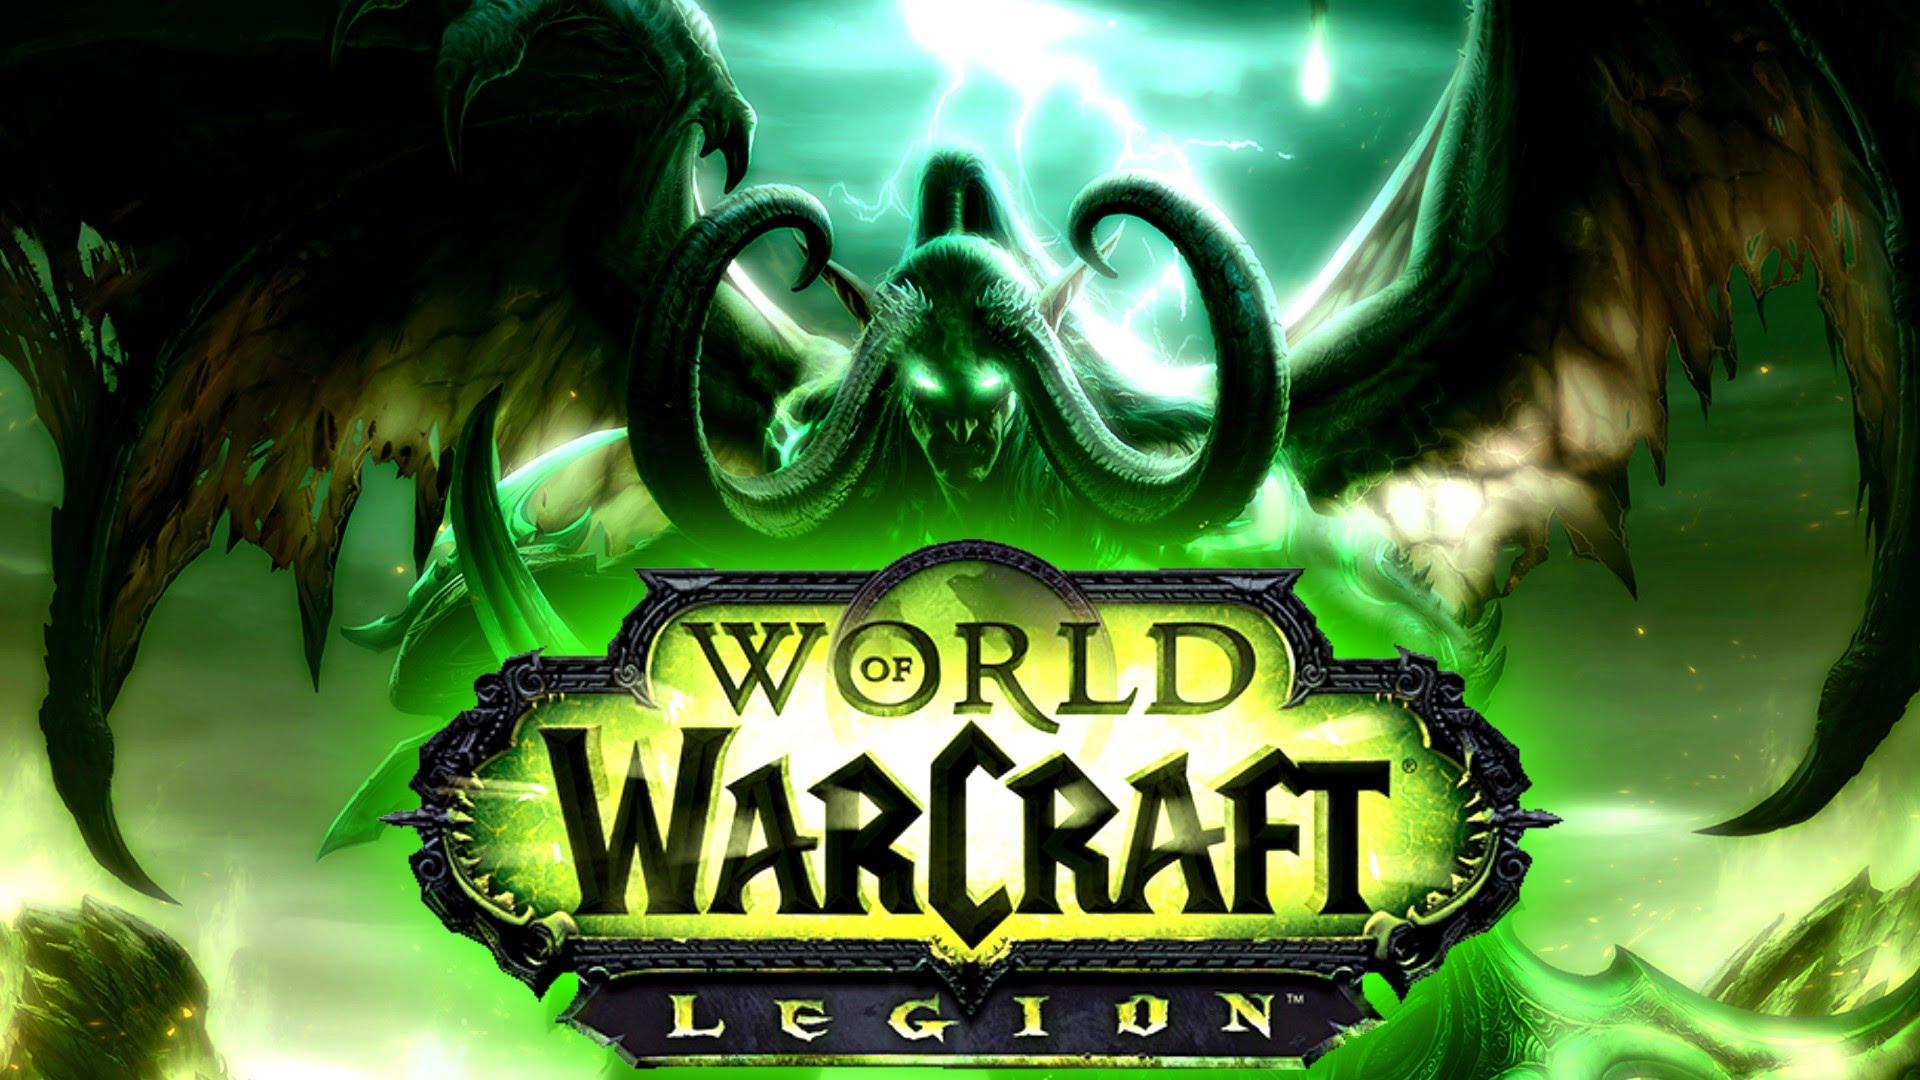 Nueva expansión de World of Warcraft llega el 30 de agosto de 2016